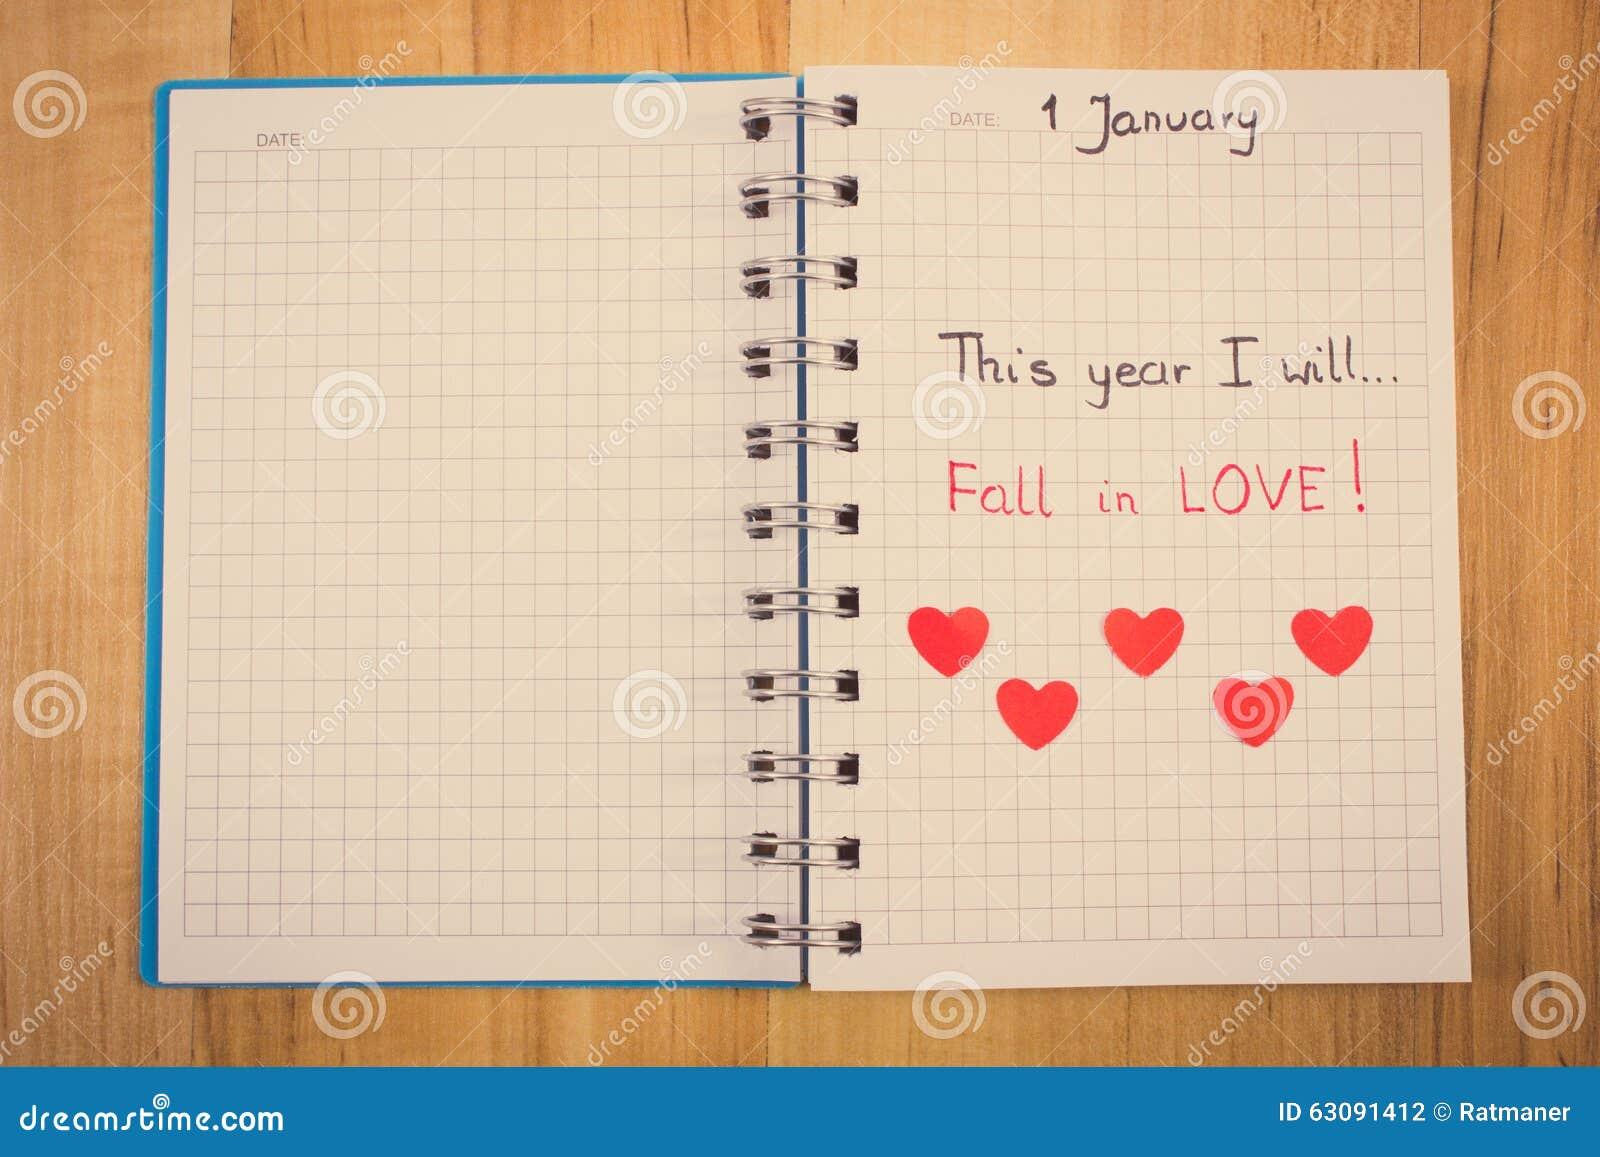 Download Photo De Vintage, Nouvelles Années De Résolutions écrites Dans Le Carnet Et Coeurs De Papier Rouges Photo stock - Image du charité, janvier: 63091412